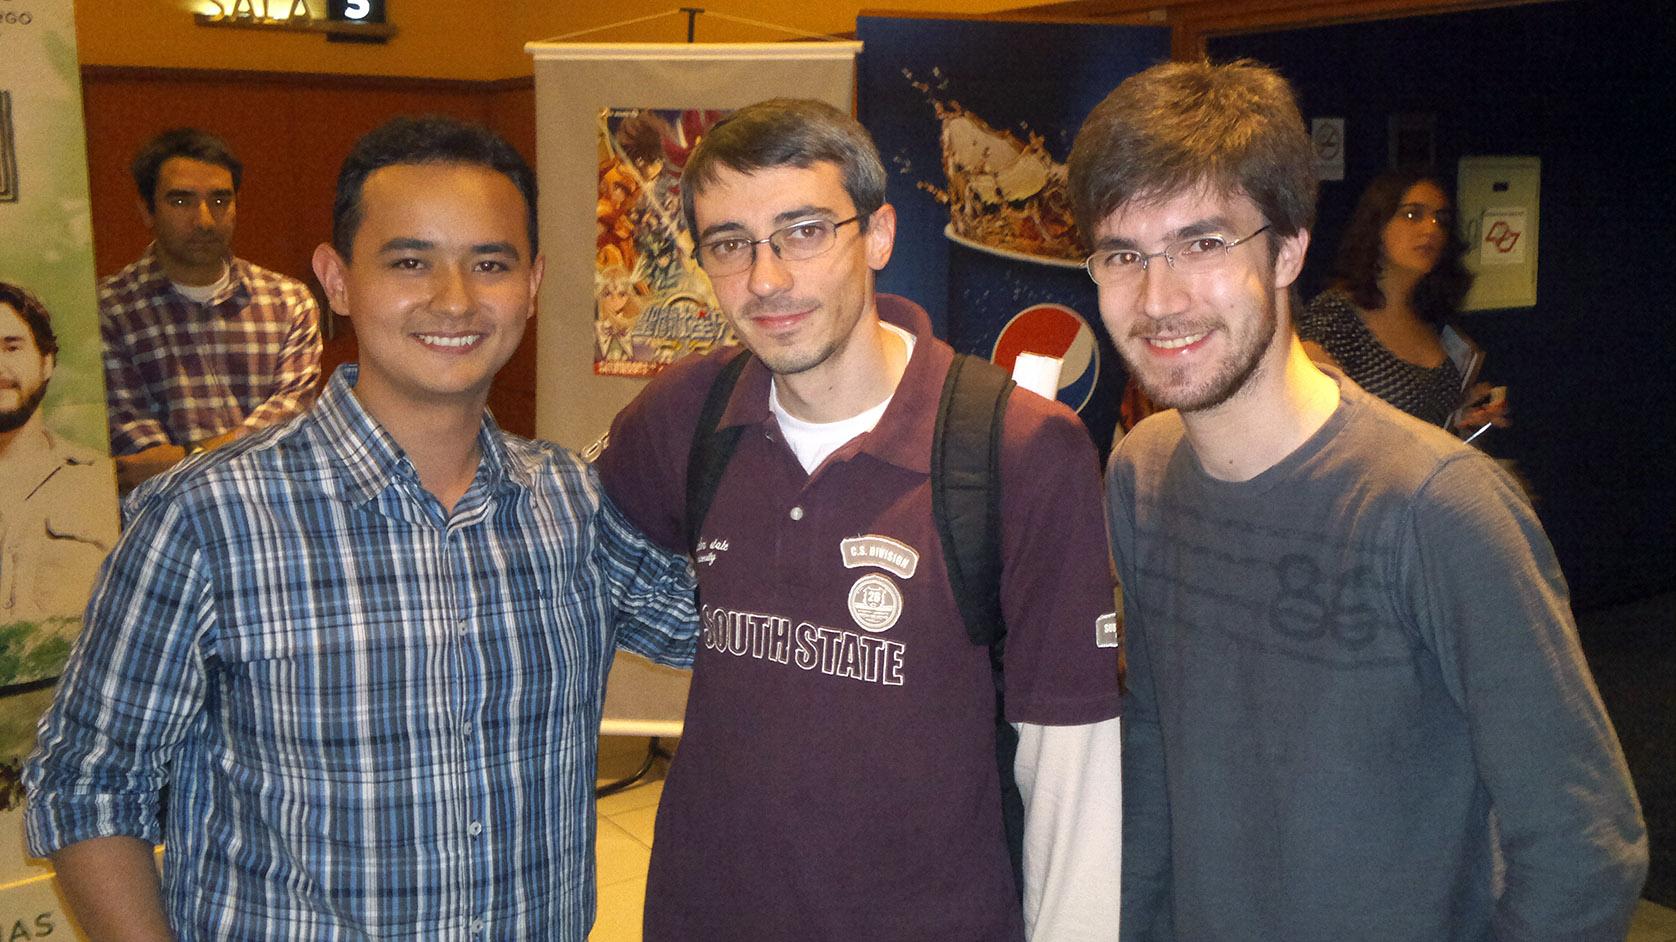 Diego Maryo (Fanartista e Fanzineiro), Eduardo Vilarinho (Webmaster do site CavZodiaco.com.br) e Elias Karabolad (Dublador)